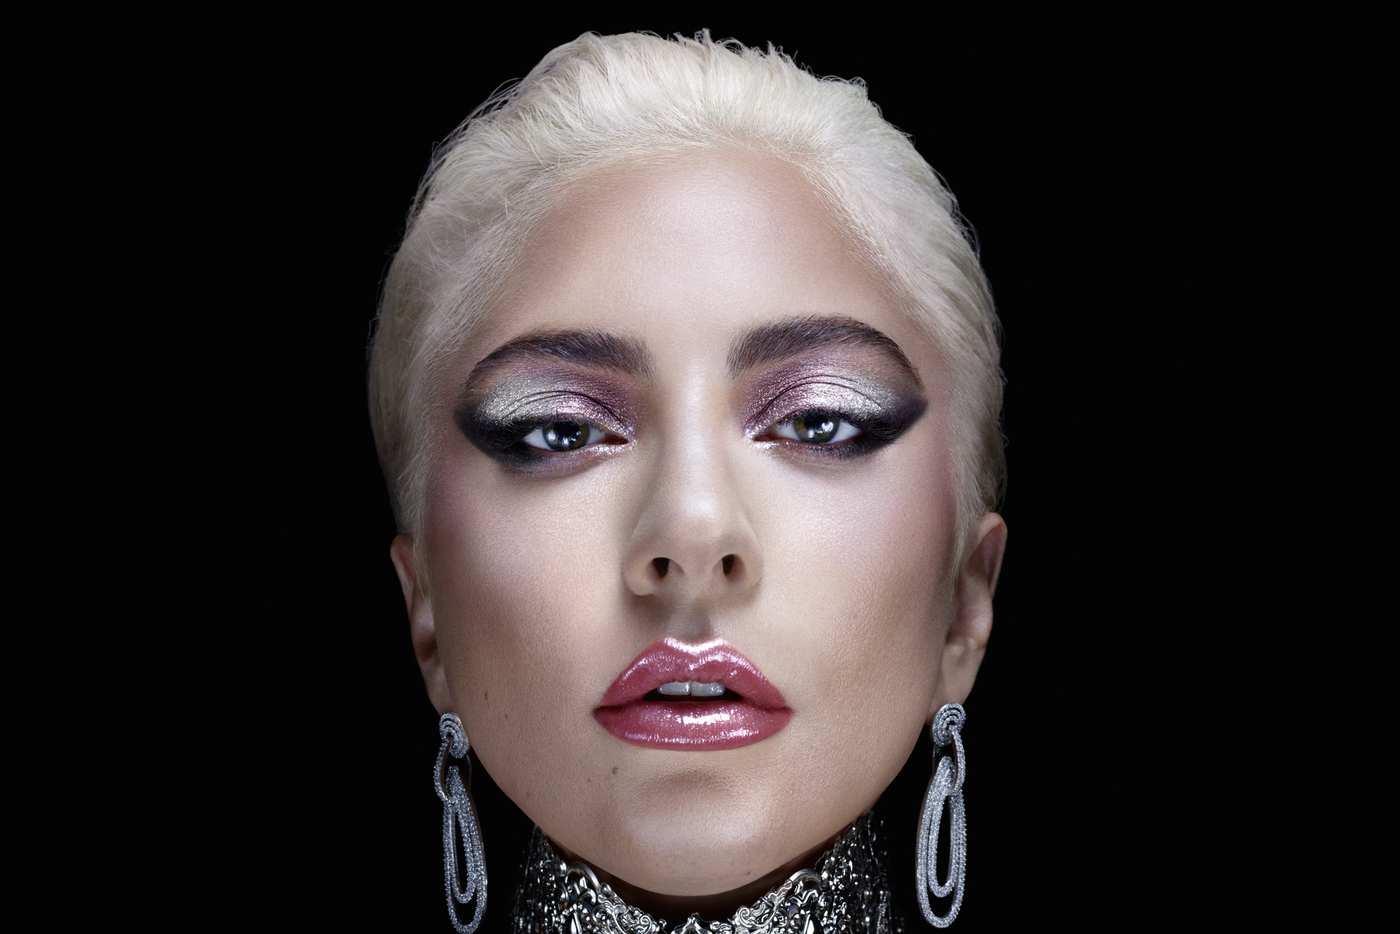 lady gaga vegan makeup range